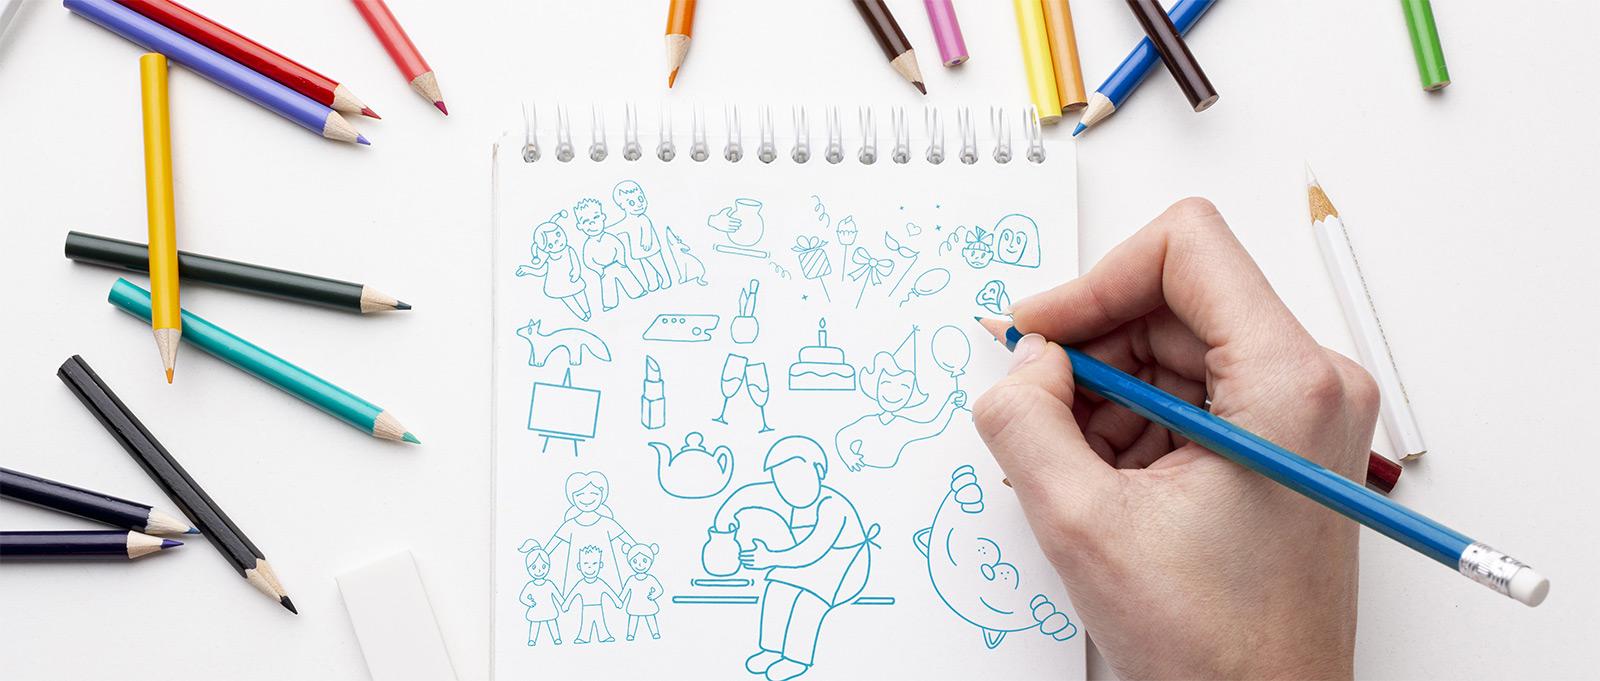 Отрисовка эскизов иллюстраций для сайта гончарной студии